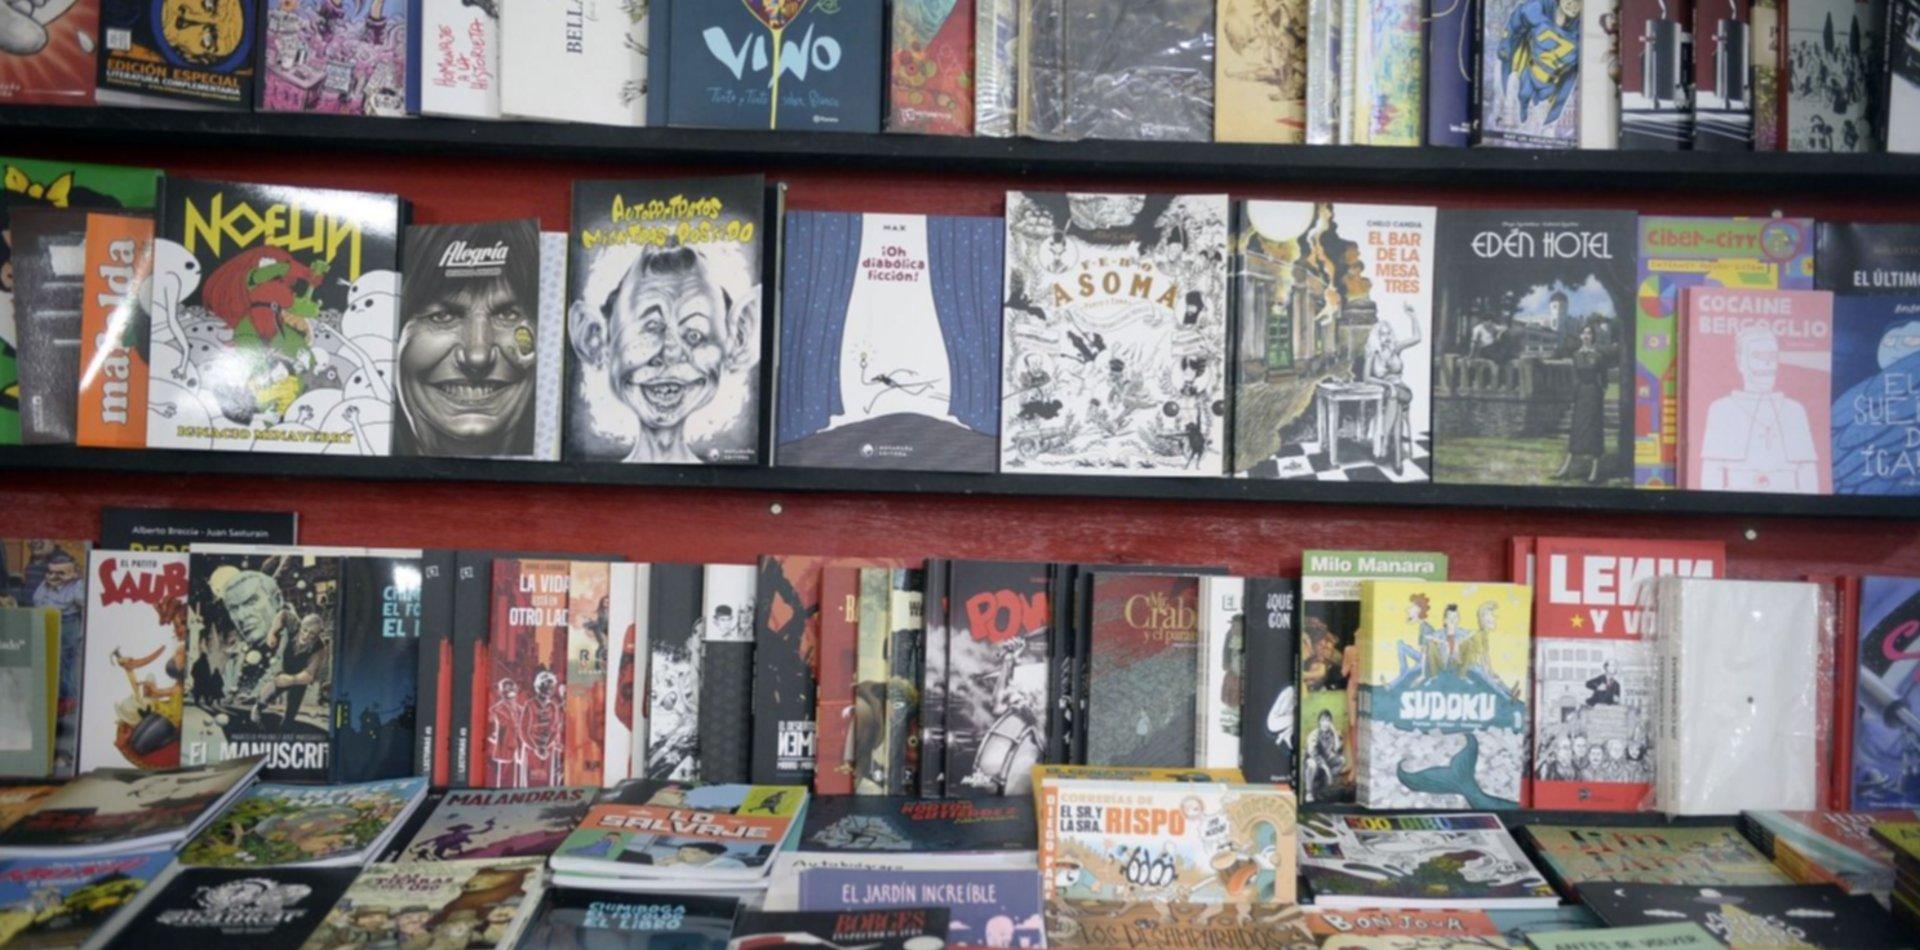 Llega La Plata Comic Crumb, el primer gran festival de historietas de la ciudad